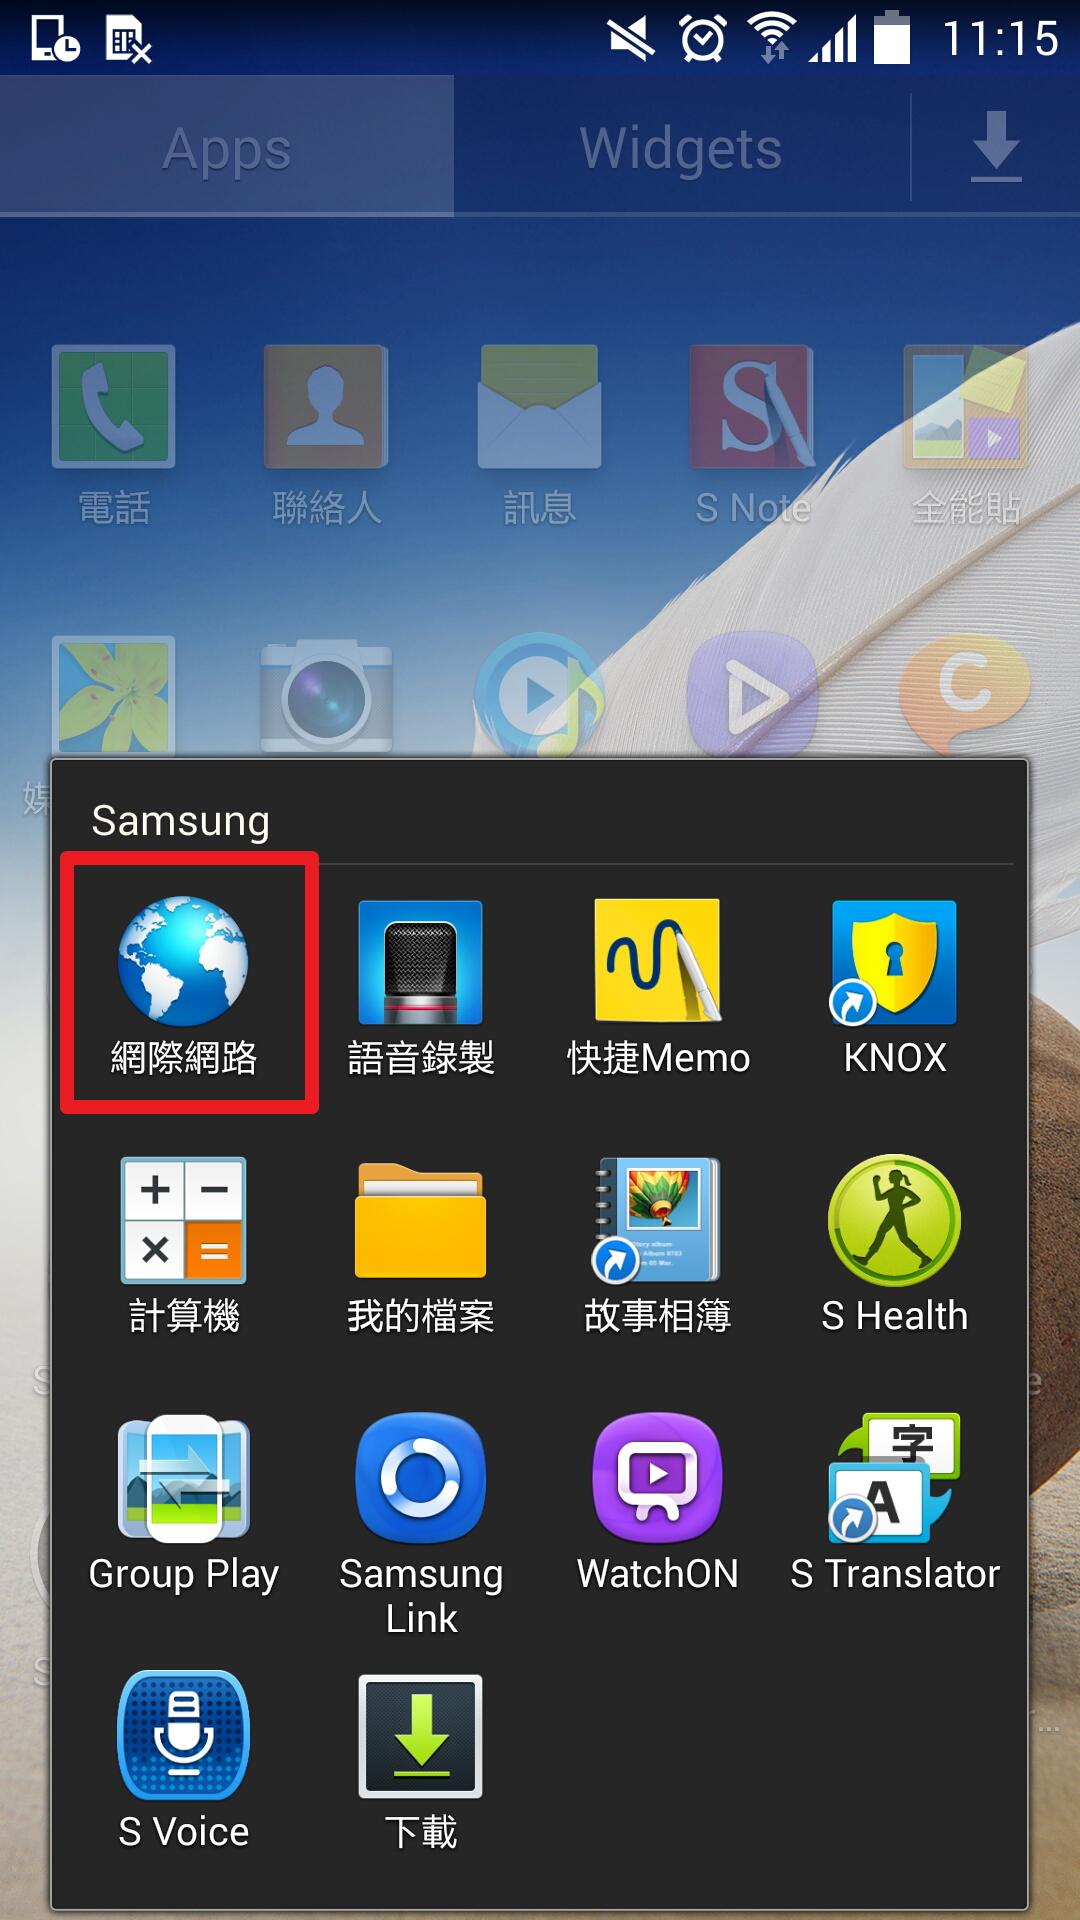 如何刪除 GALAXY Note 3 網際網路的快取、Cookies及瀏覽紀錄?